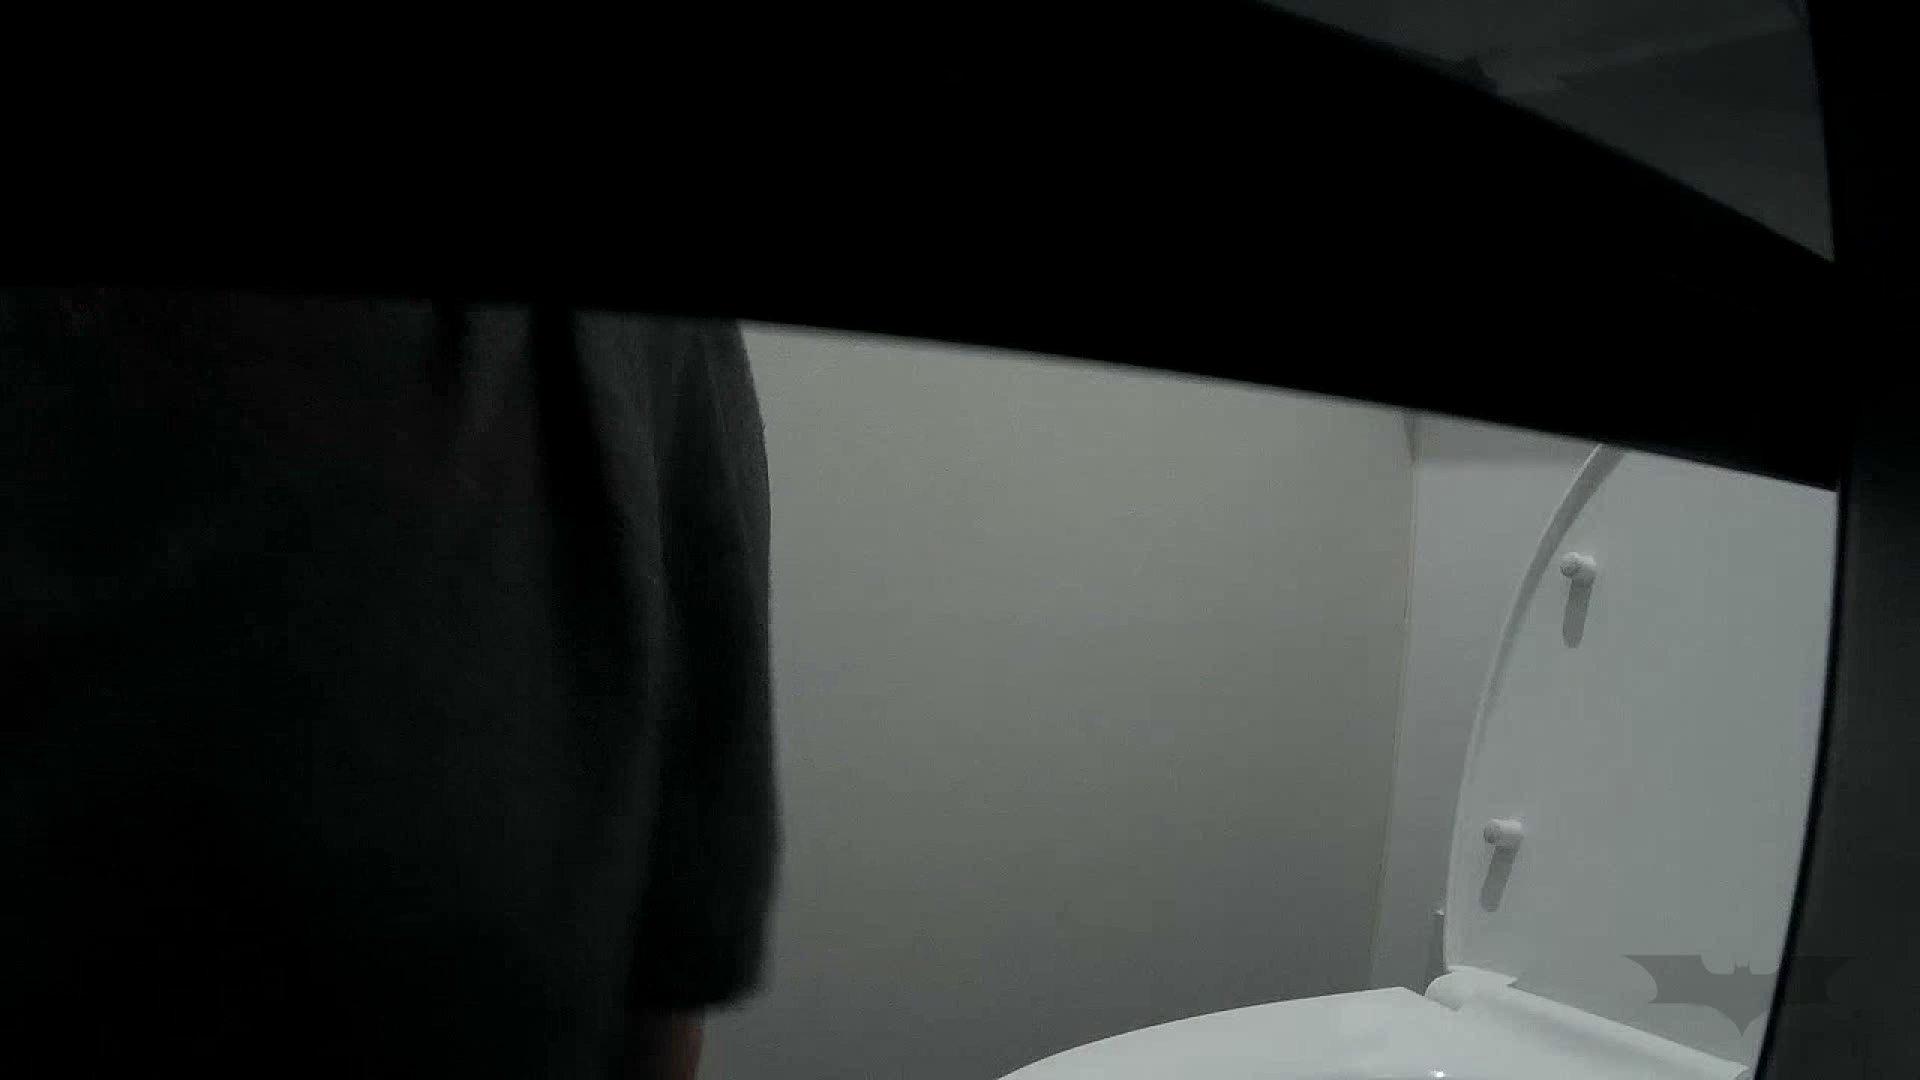 有名大学女性洗面所 vol.36 すっごい「ほじって」ます。 和式でハメ撮り オメコ動画キャプチャ 60pic 52